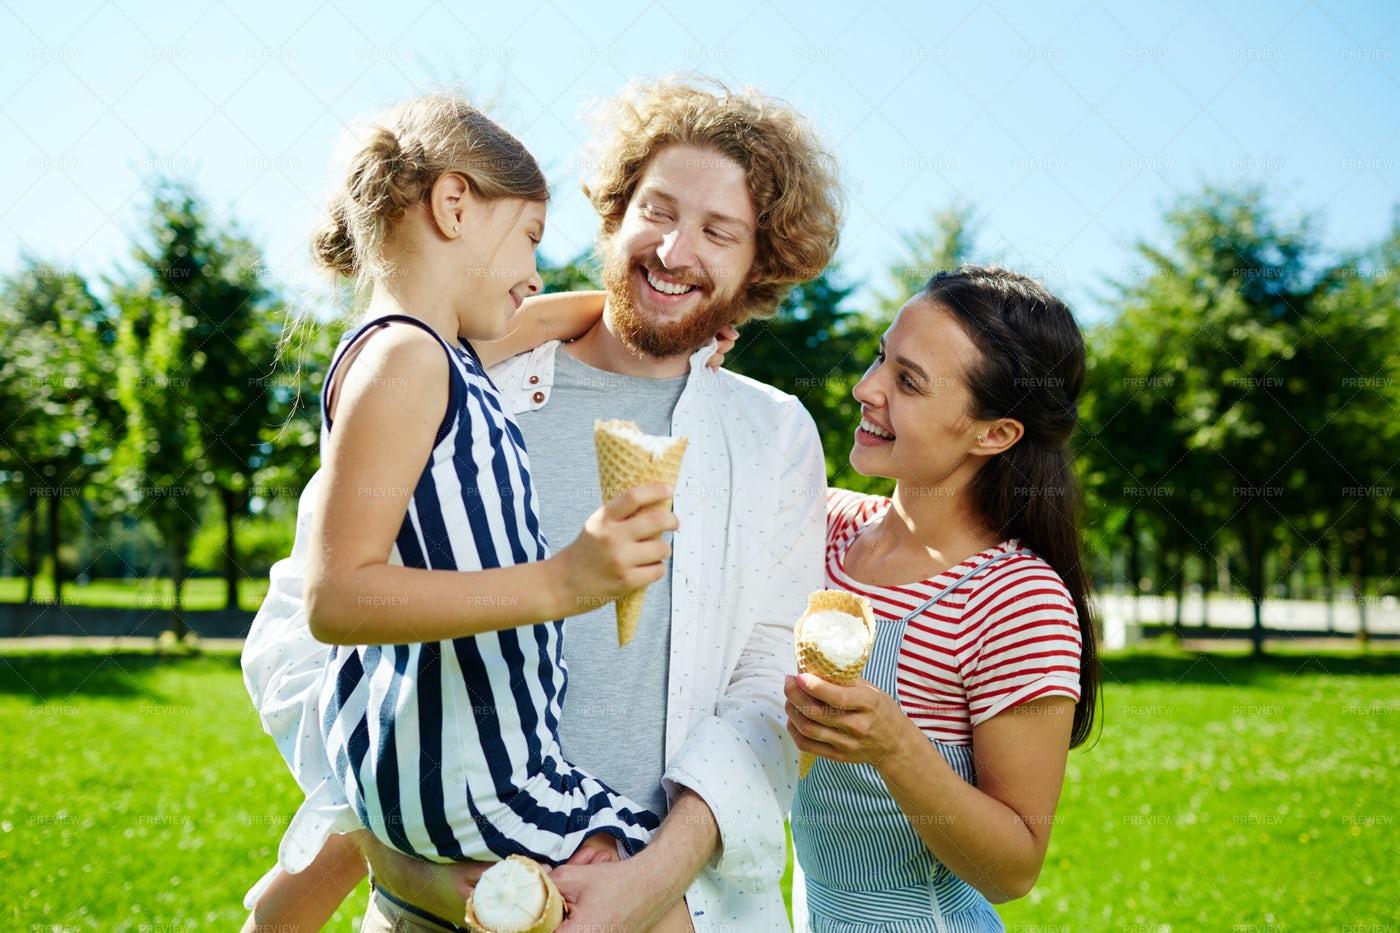 Summer Weekend: Stock Photos